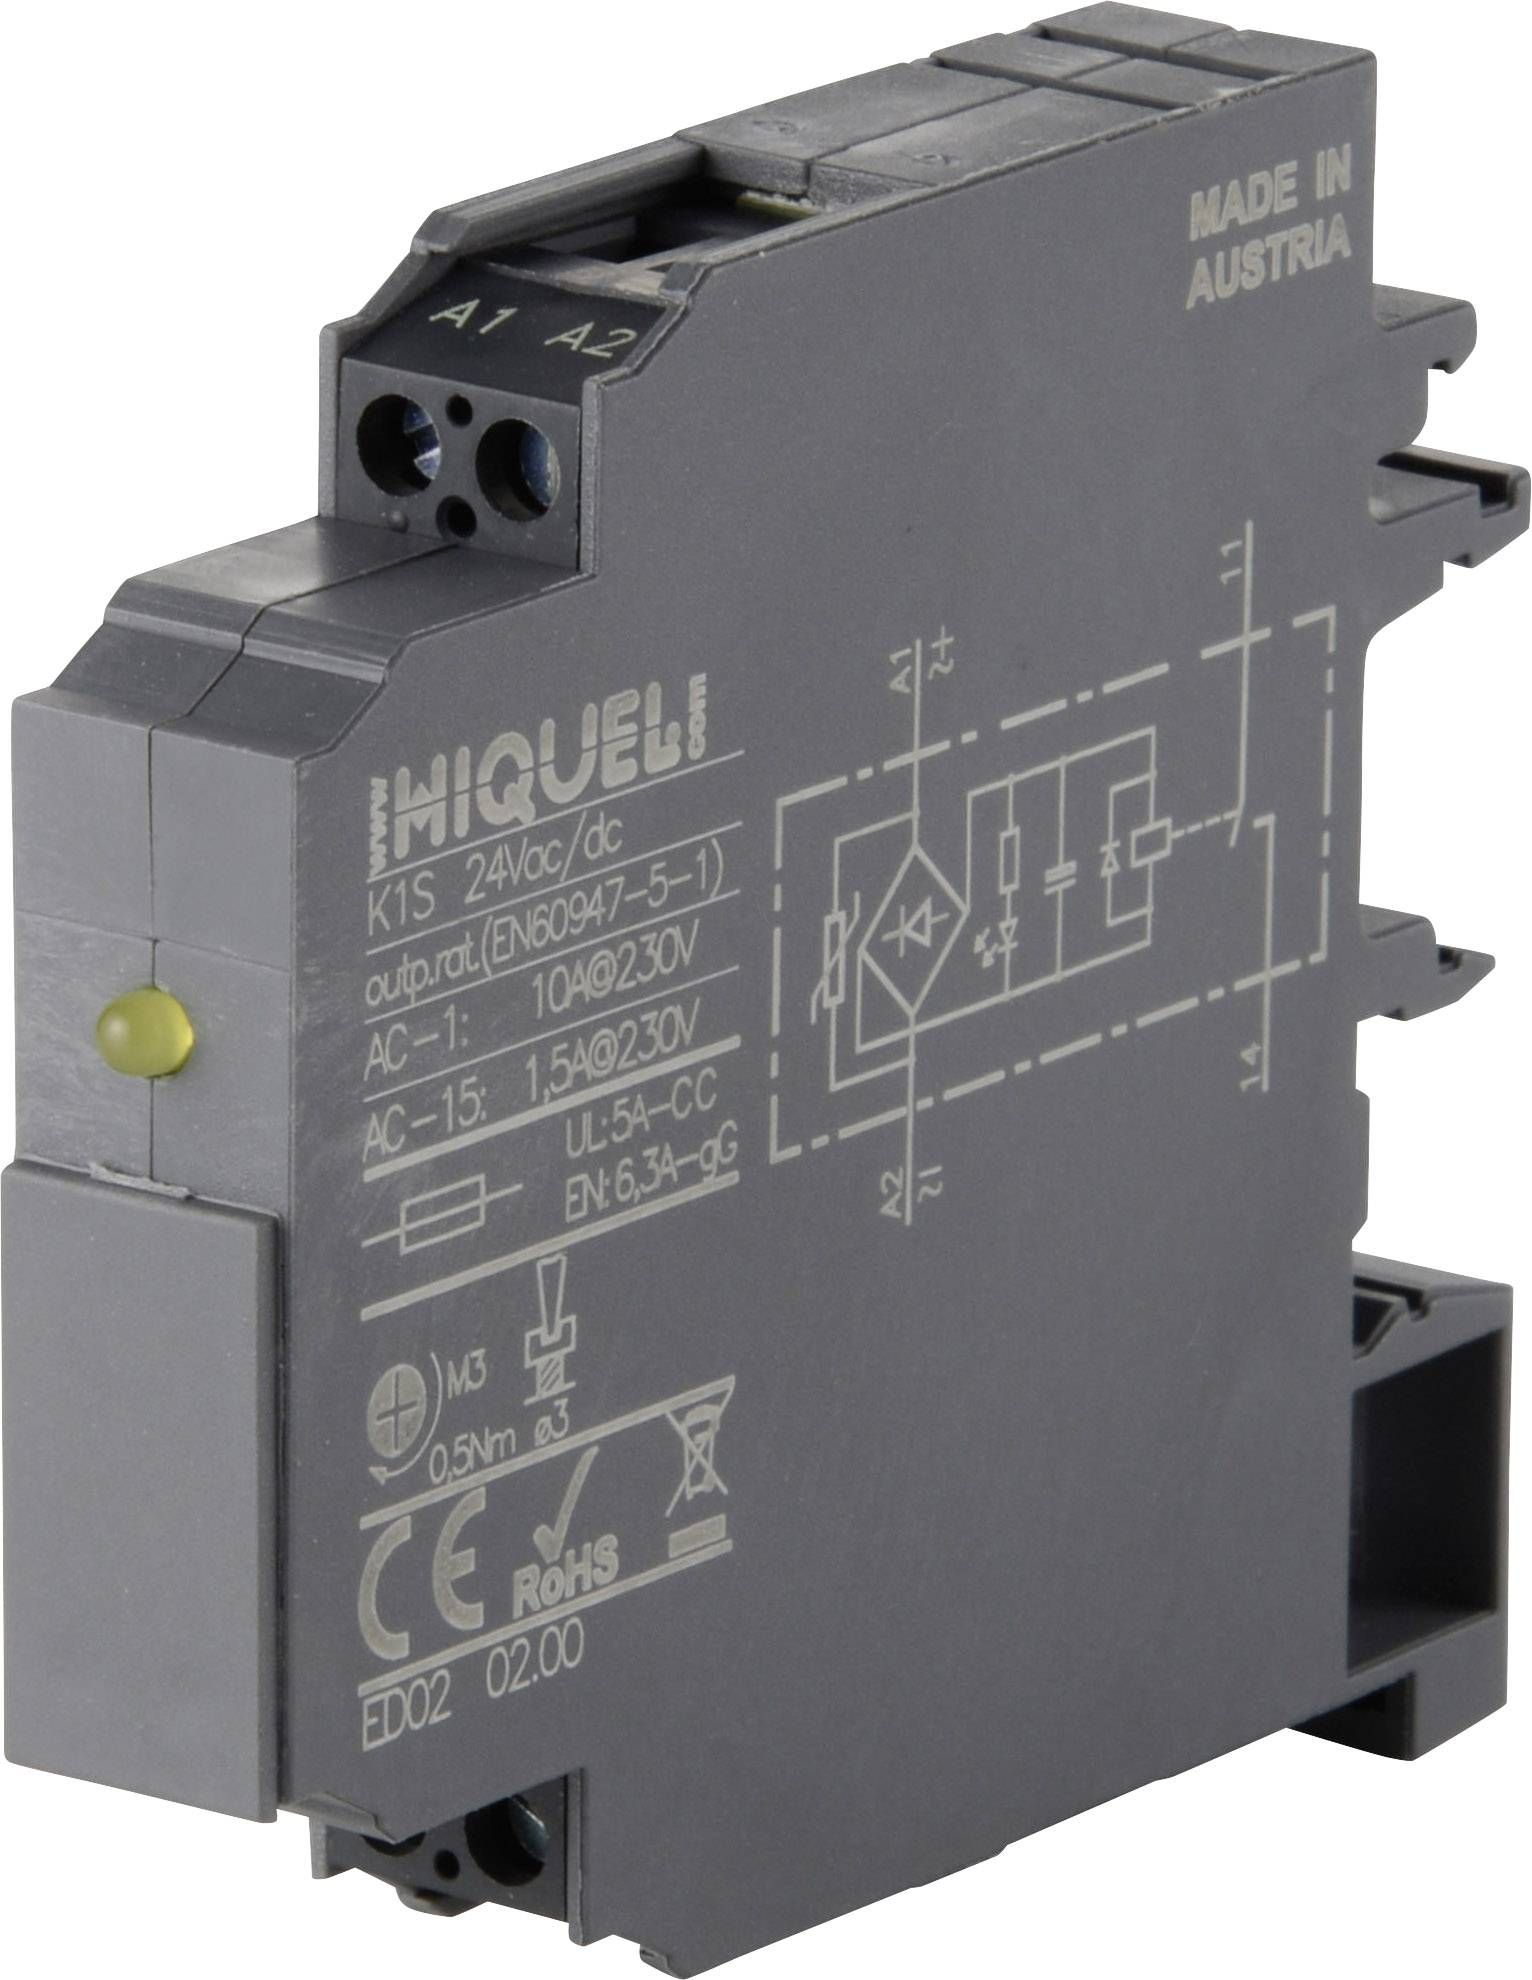 Vazební relé Hiquel, K1W 230 V/AC, 10 A, 11,25 mm